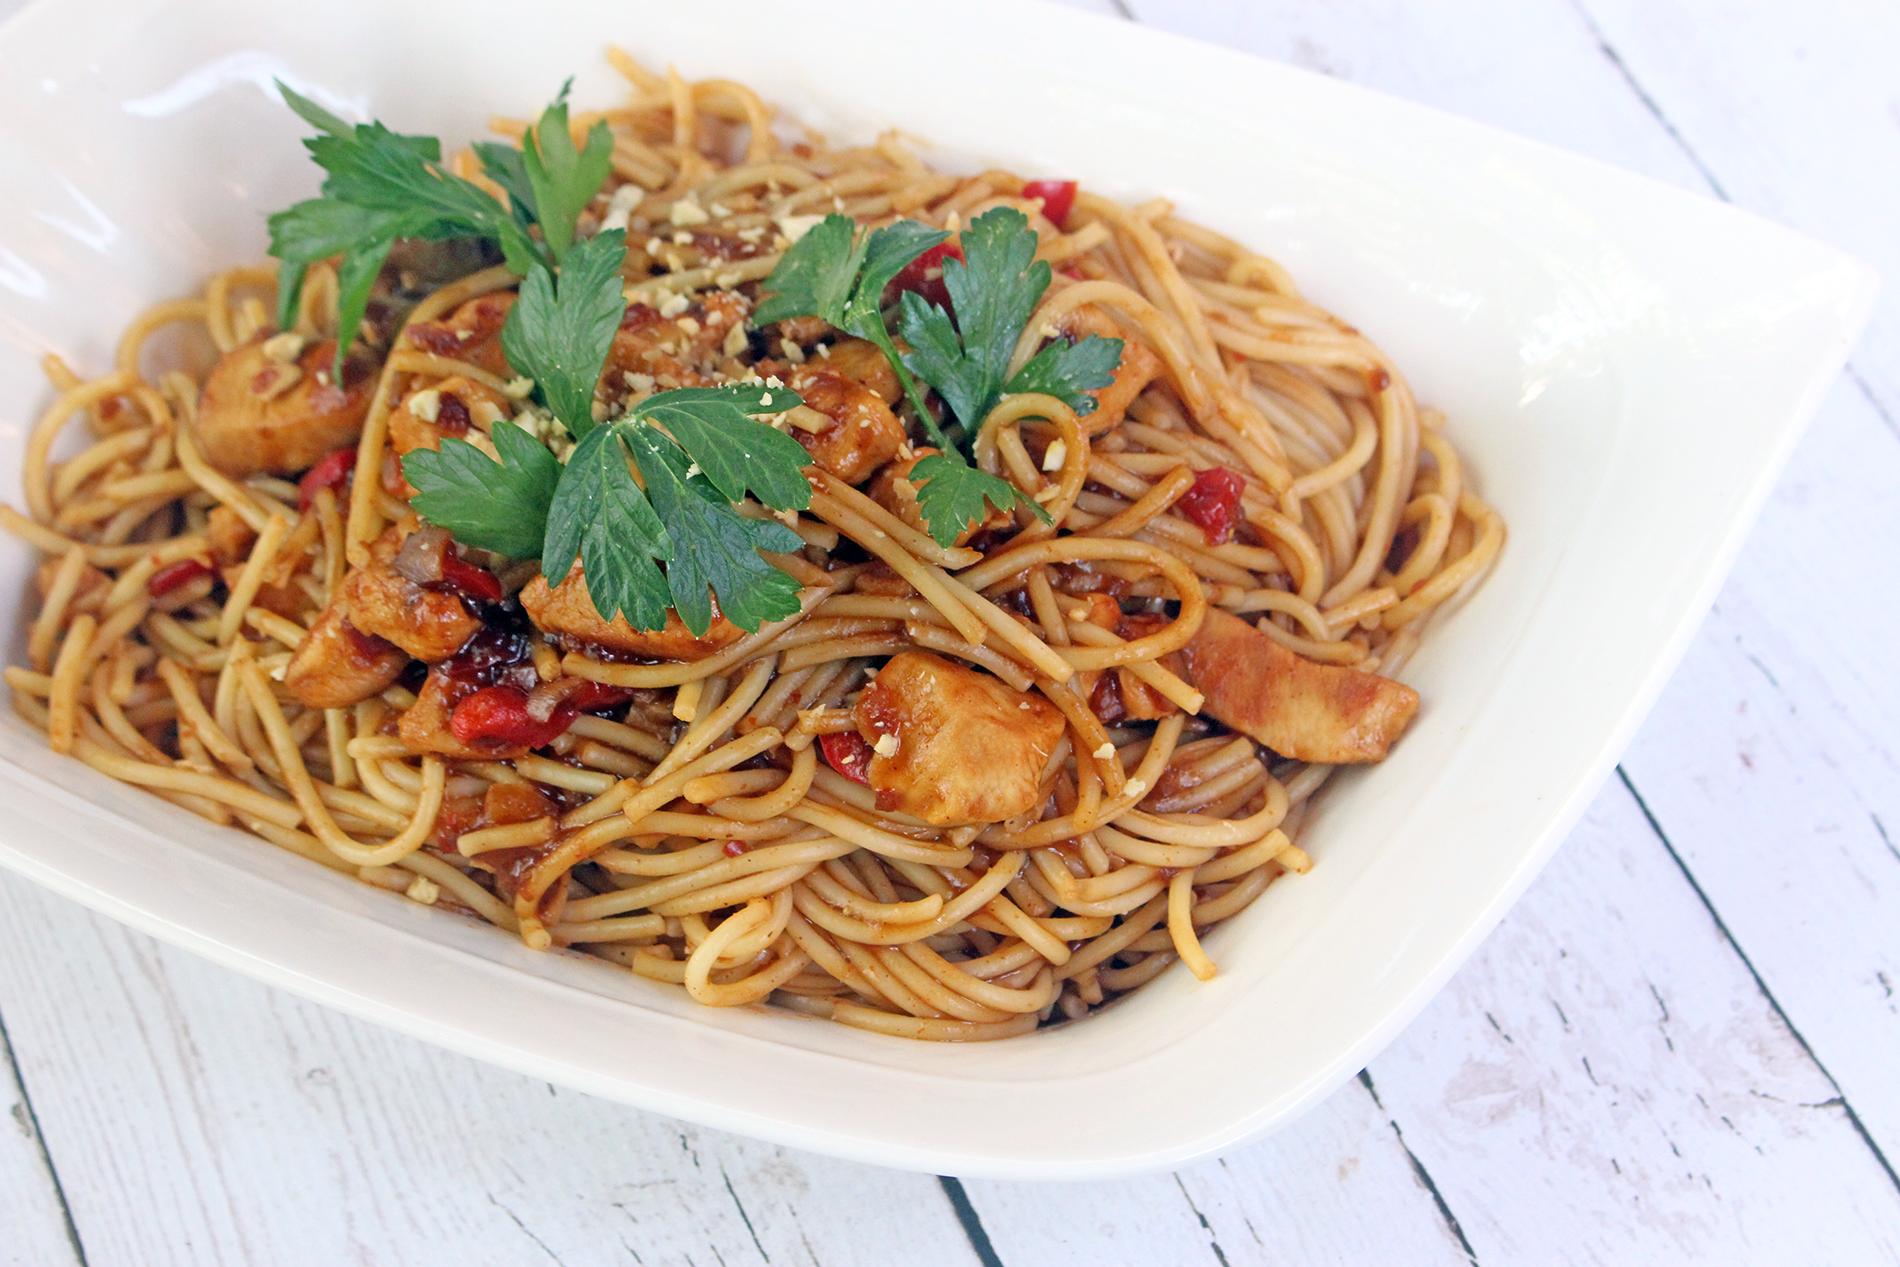 Barilla Gluten-Free Pad Thai Spaghetti Recipe